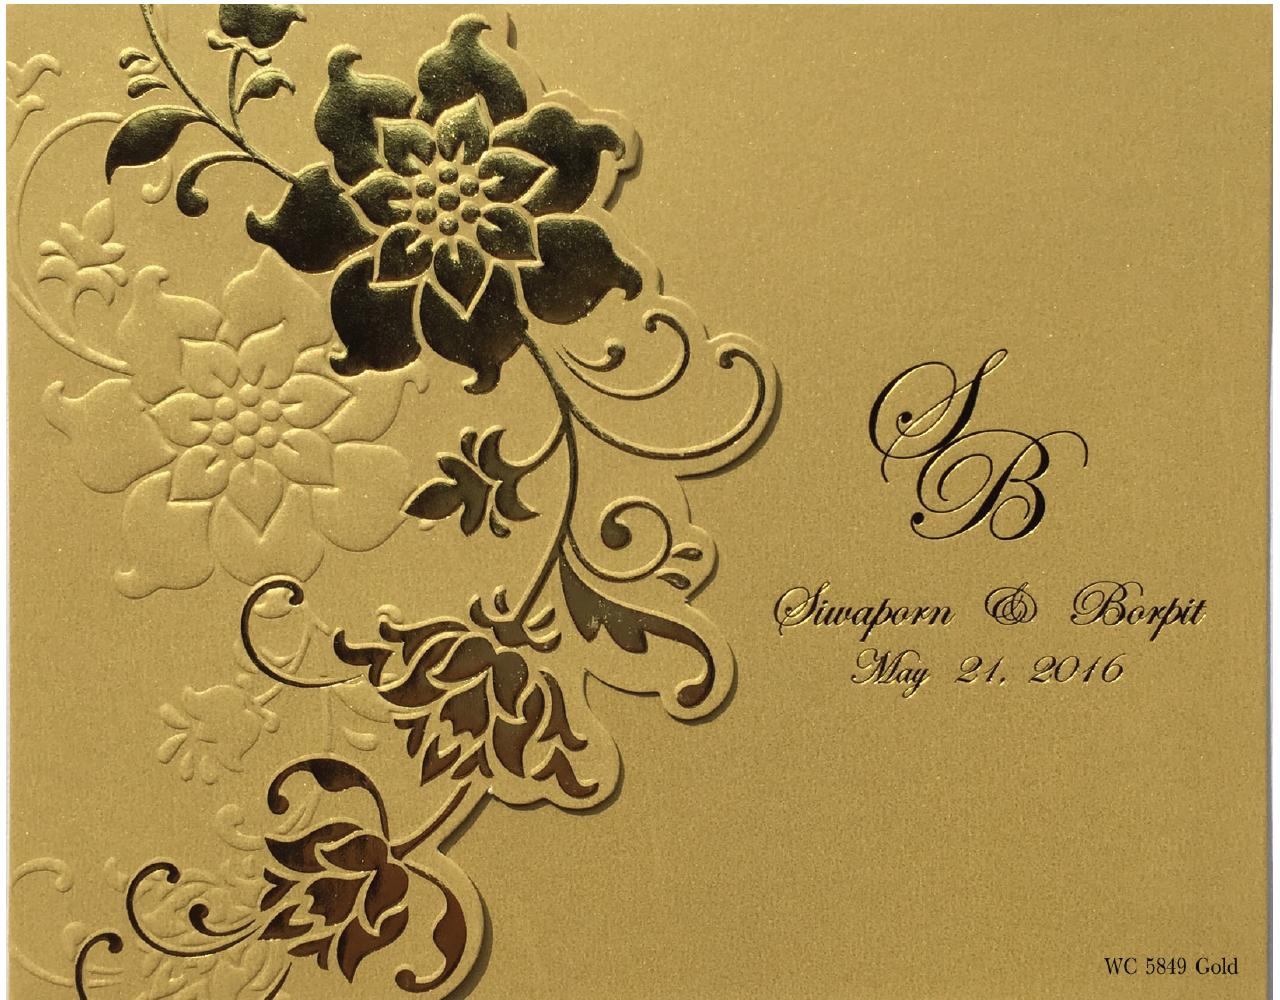 การ์ดแต่งงาน 6.5 x 5.3 inch wc 5849 Gold